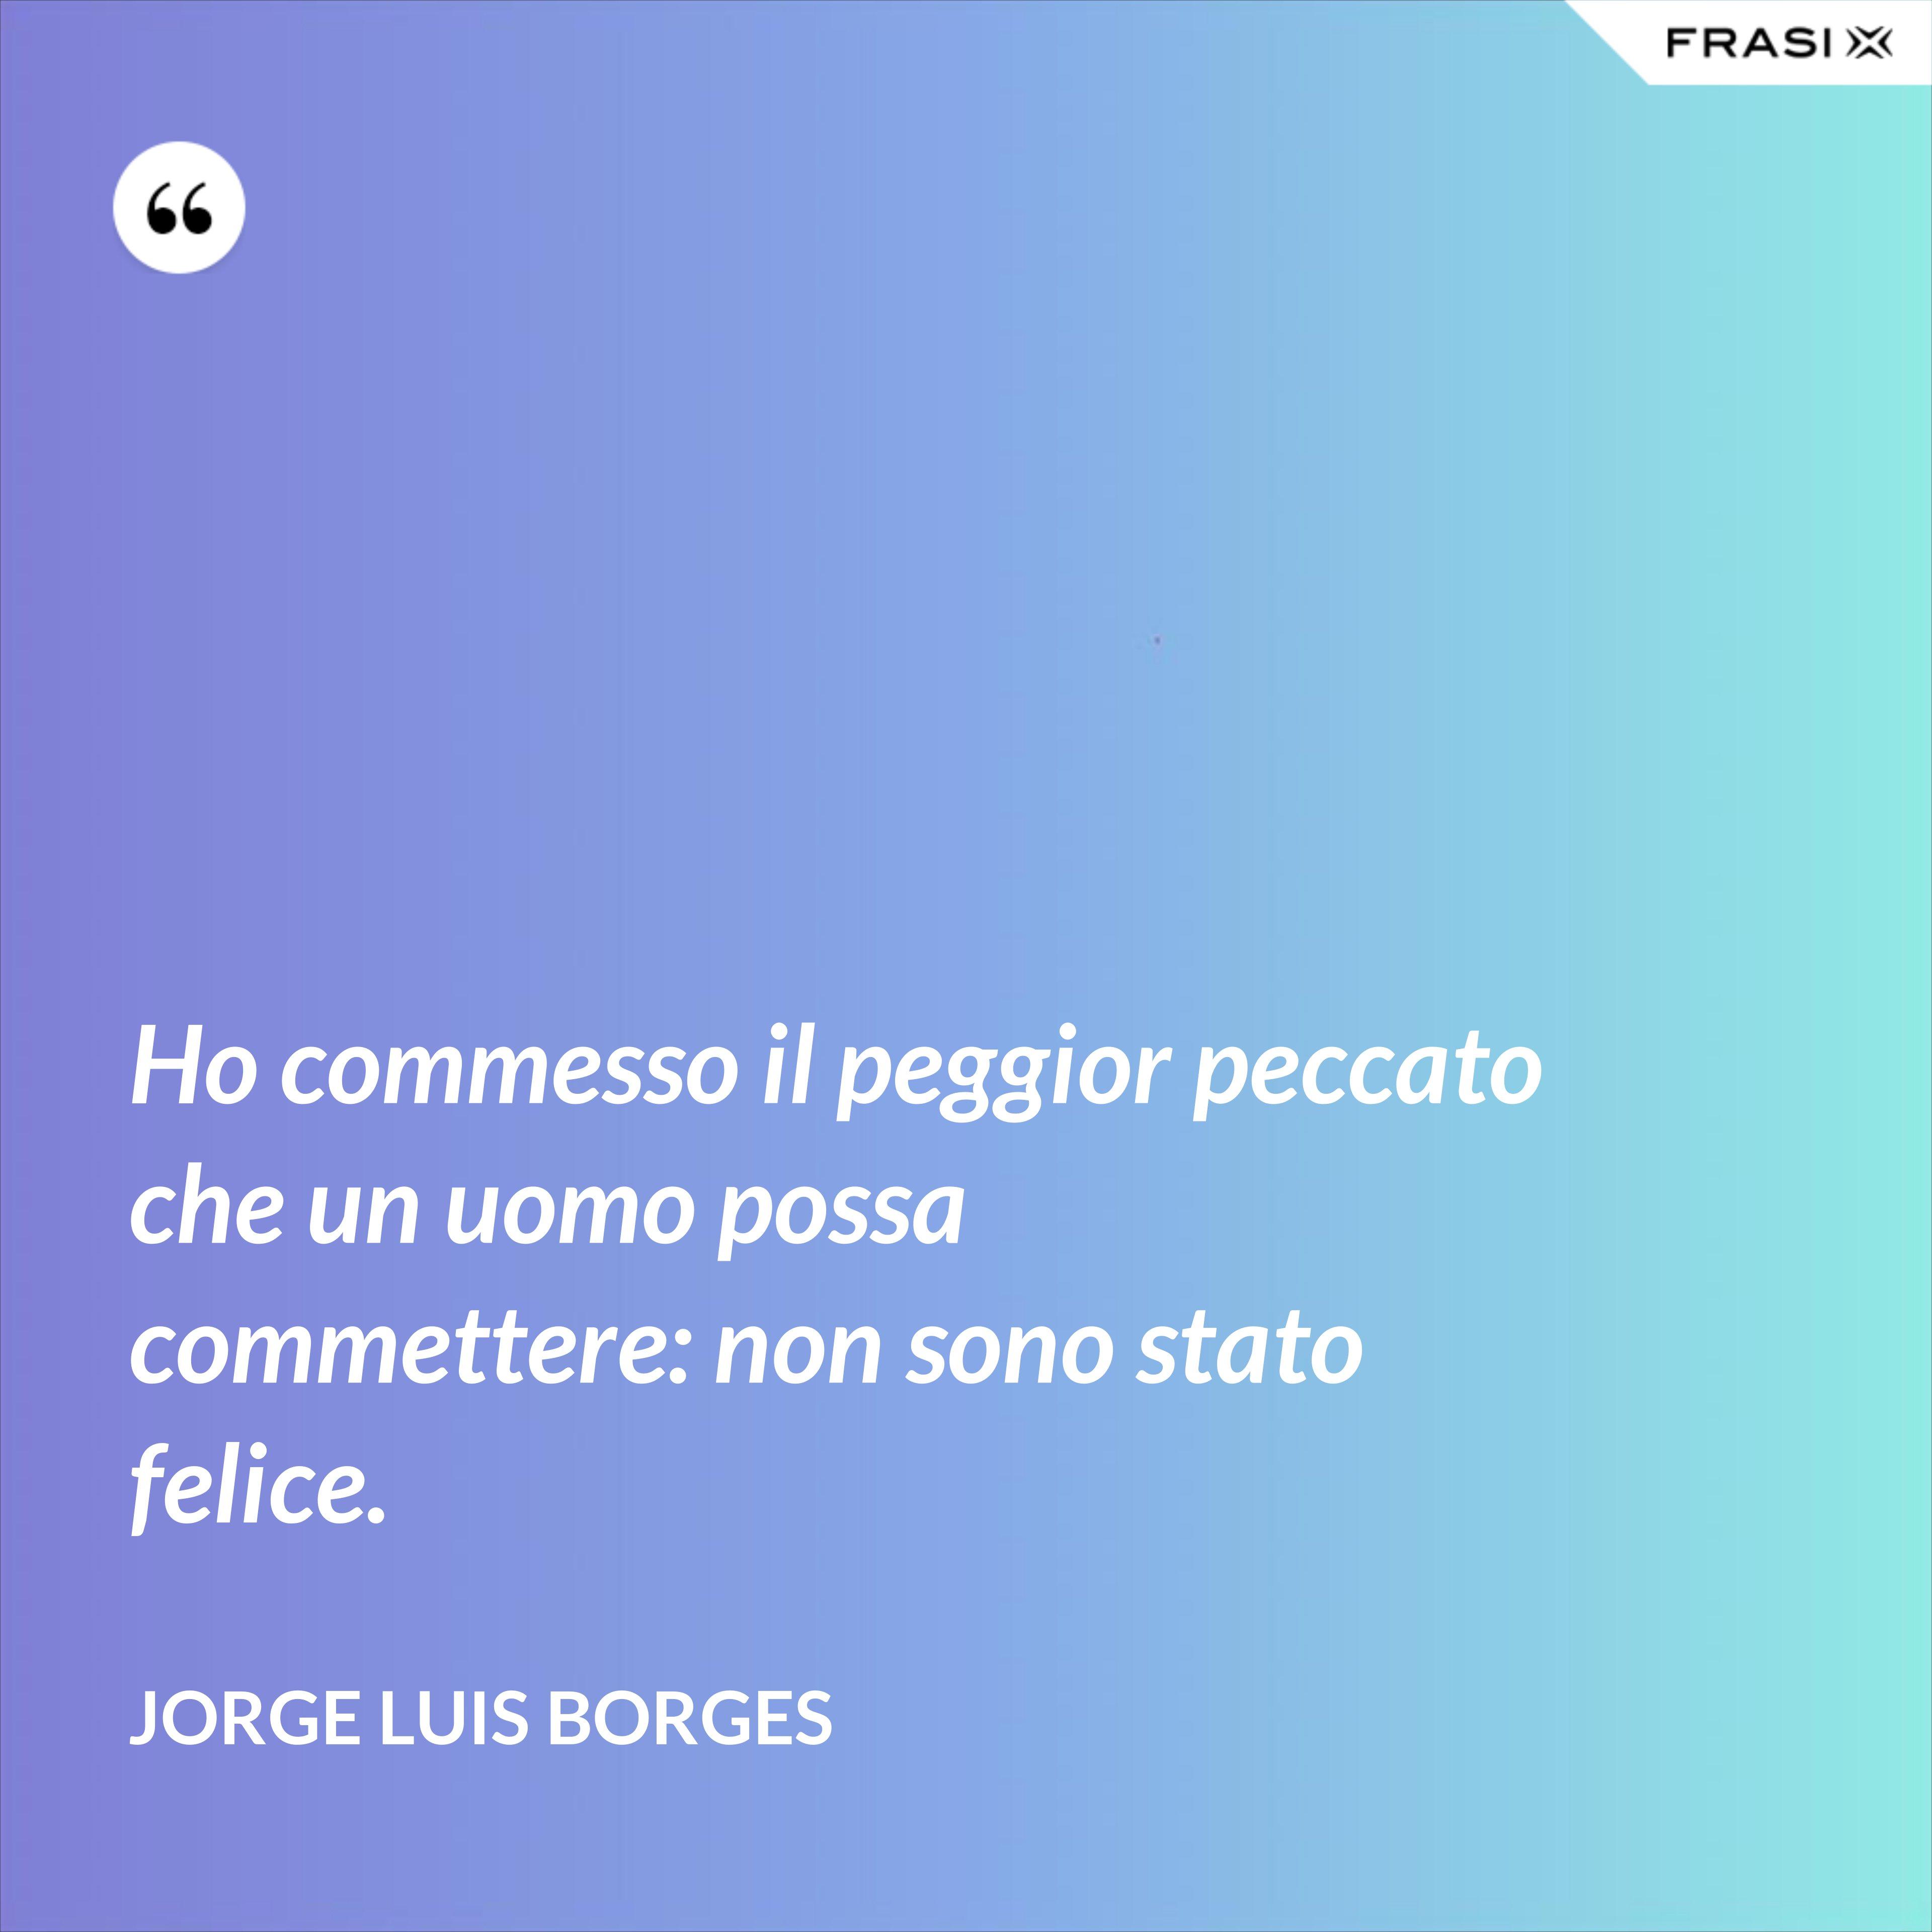 Ho commesso il peggior peccato che un uomo possa commettere: non sono stato felice. - Jorge Luis Borges